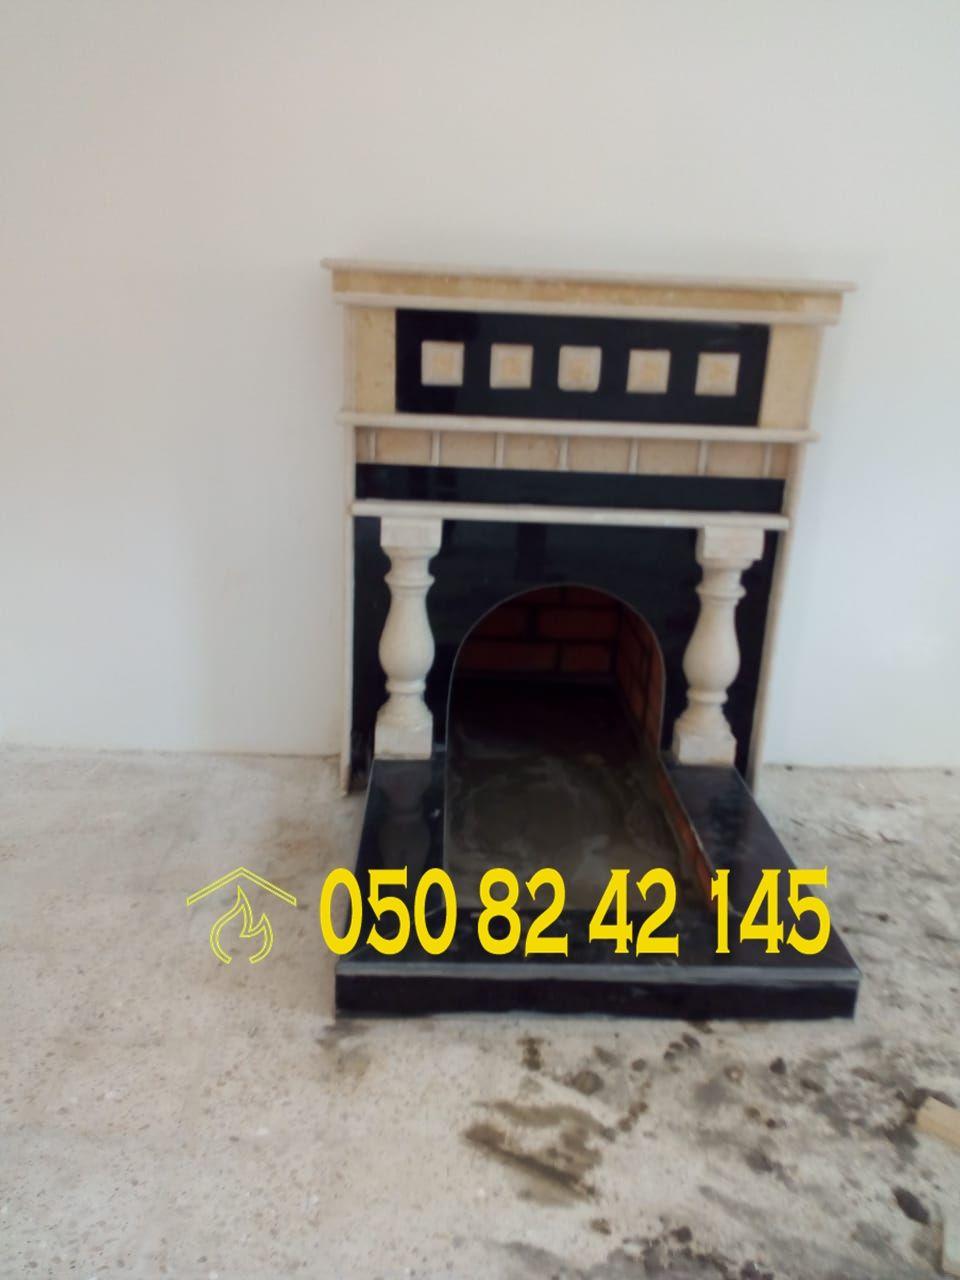 صور مشبات حجر صور مشبات رخام صور مشبات نار مشبات مشبات صورمشبات مشبات حجر ديكورات مشبات خشب Entryway Tables Decor Home Decor